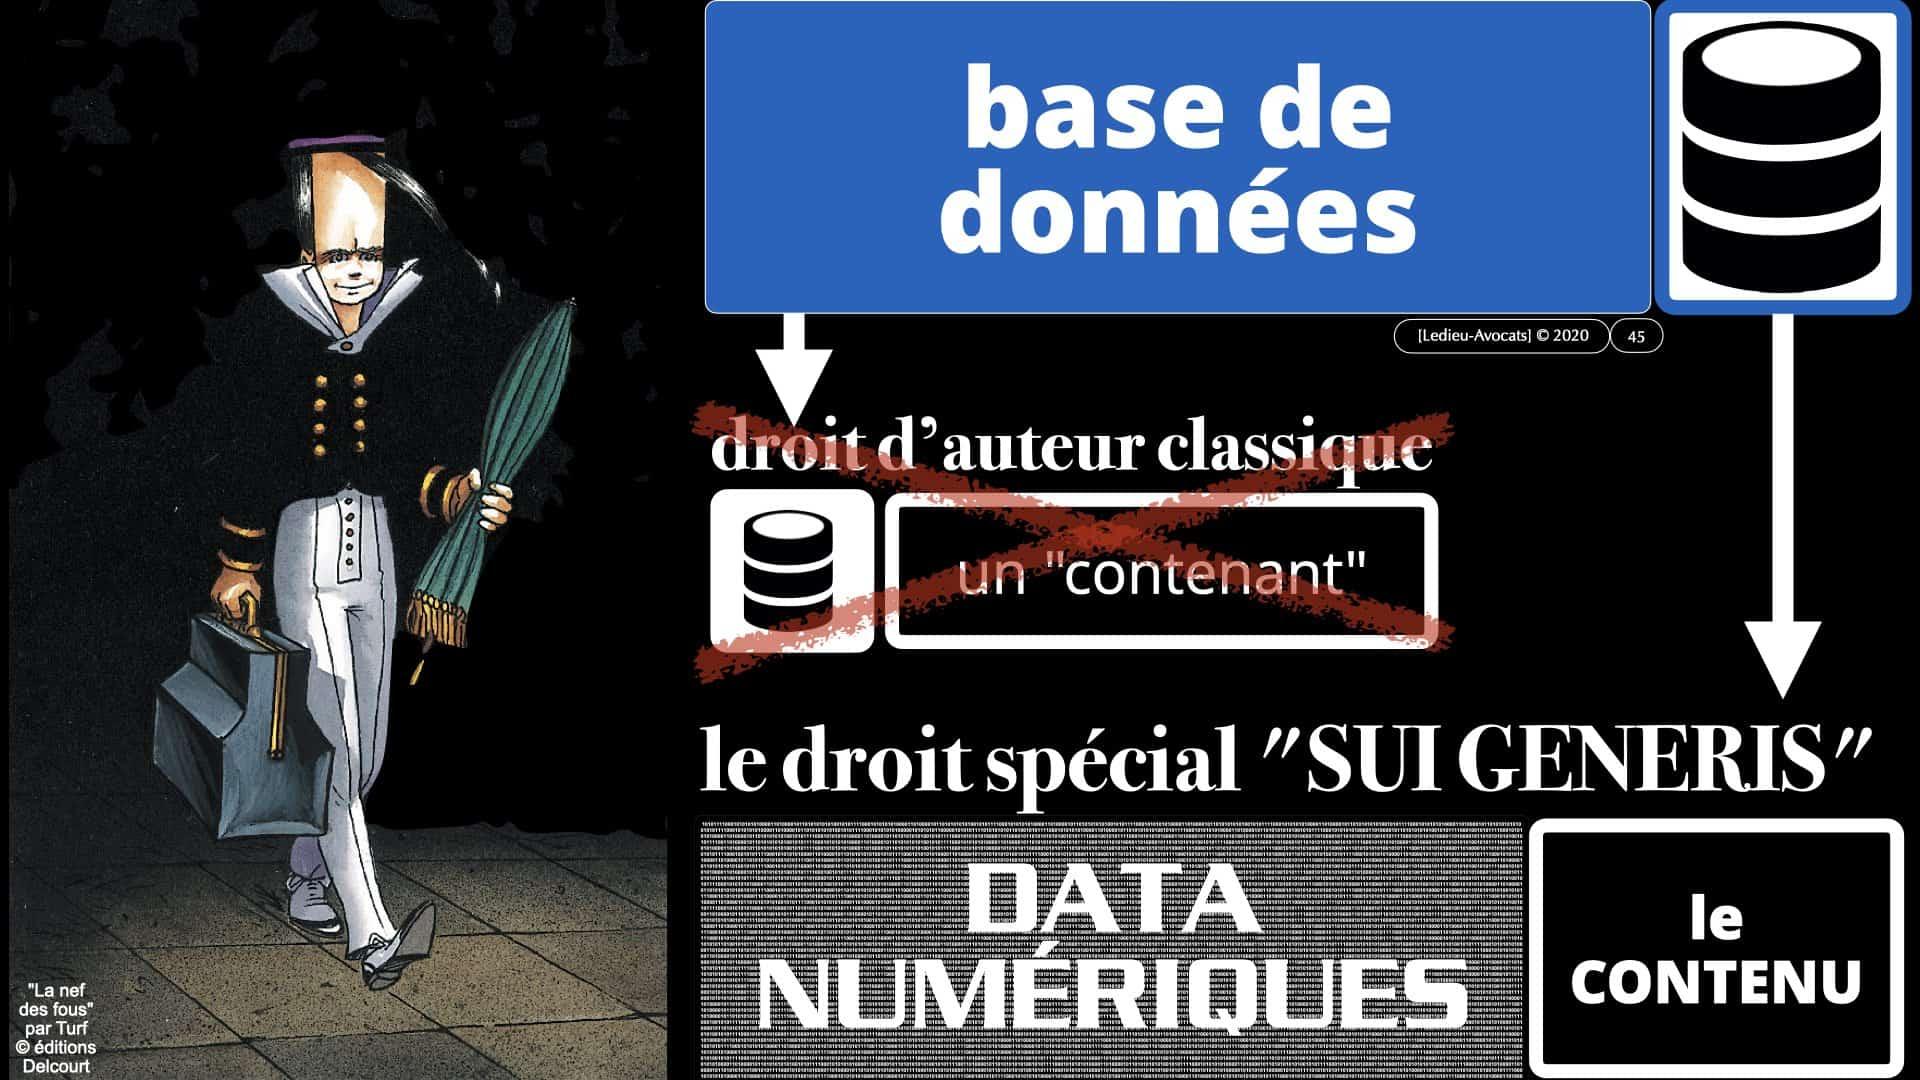 314 PRO BTP © Ledieu-avocat 03-12-2020.045